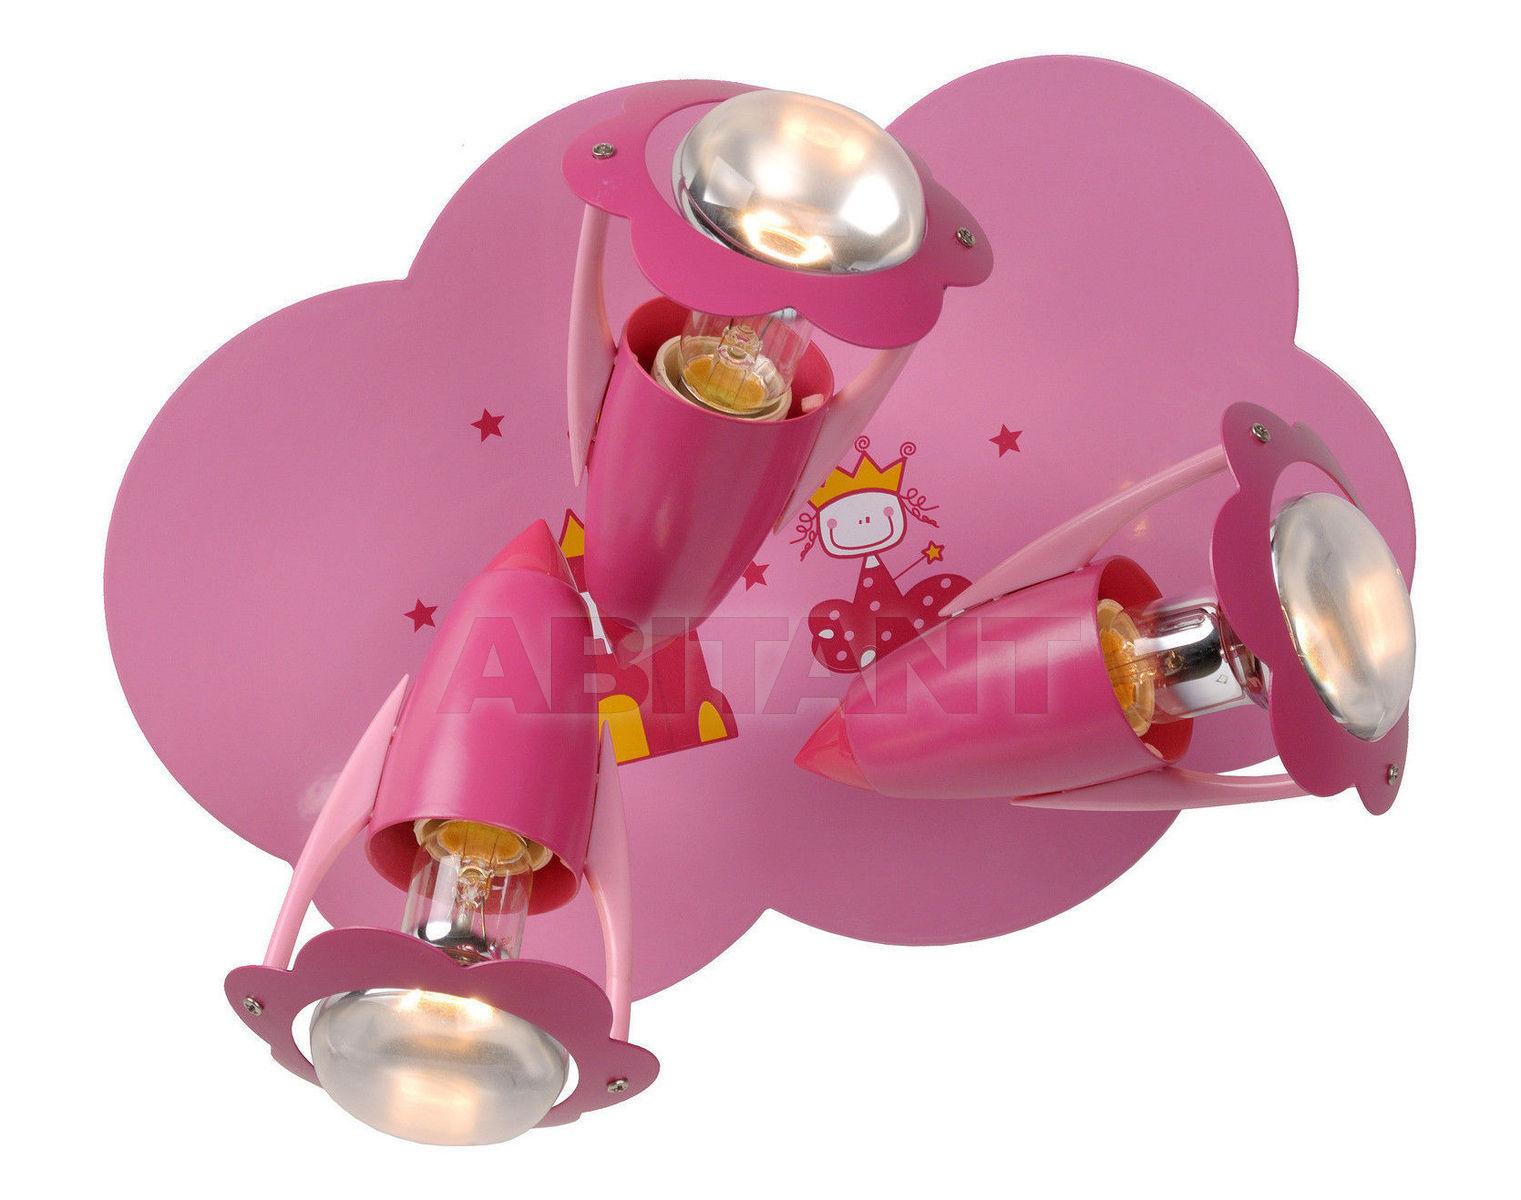 Купить Светильник для детской PINKY Lucide  Wall & Ceiling Lights 77173/13/66